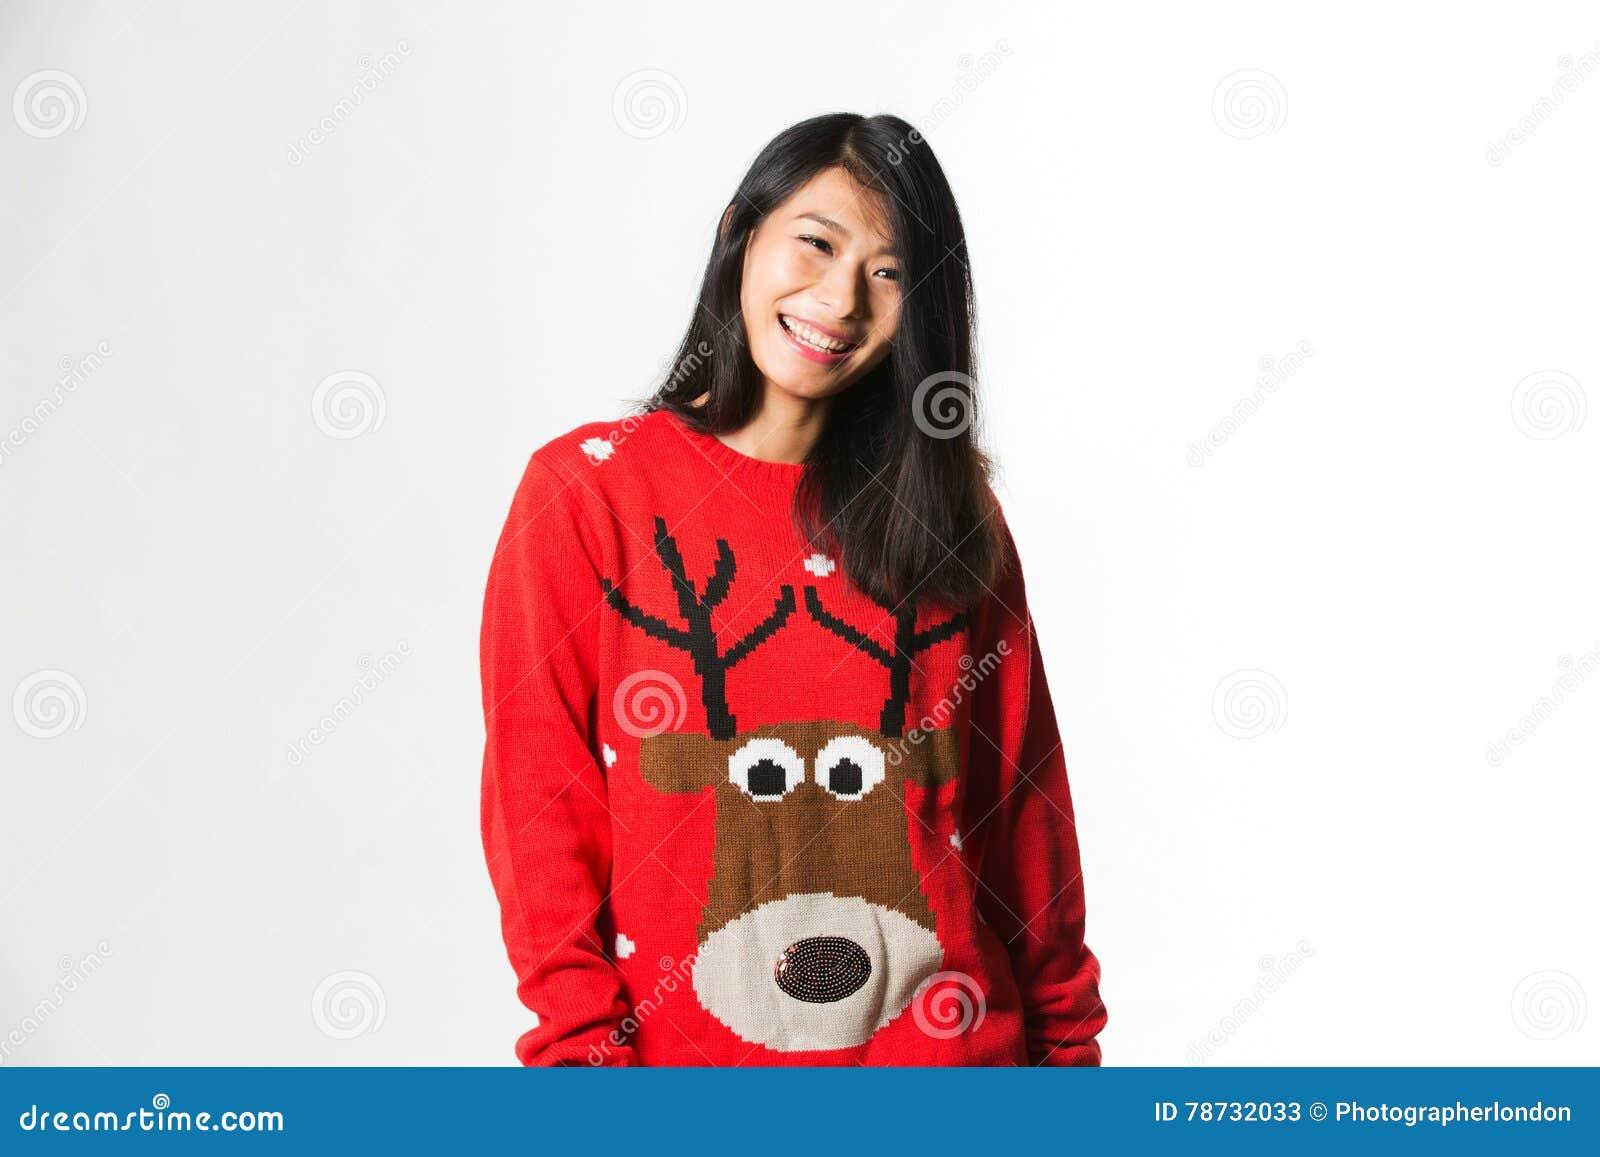 Porträt der Chinesin in der Weihnachtsstrickjacke, die vor grauem Hintergrund steht